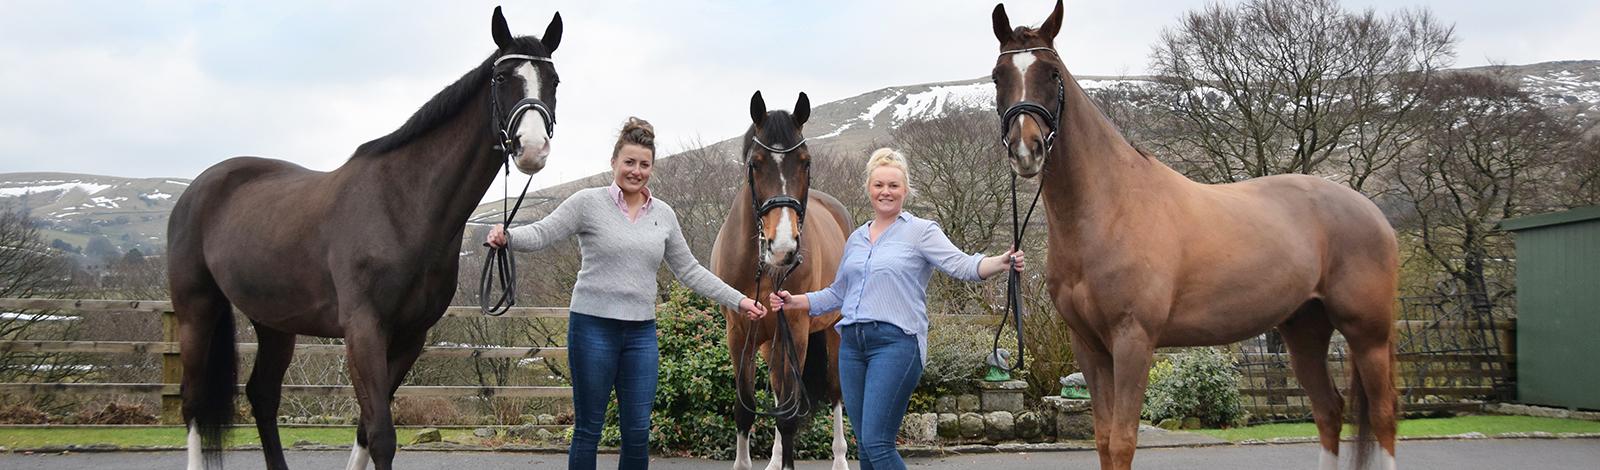 shawfarm_equestrian_new_slider_1